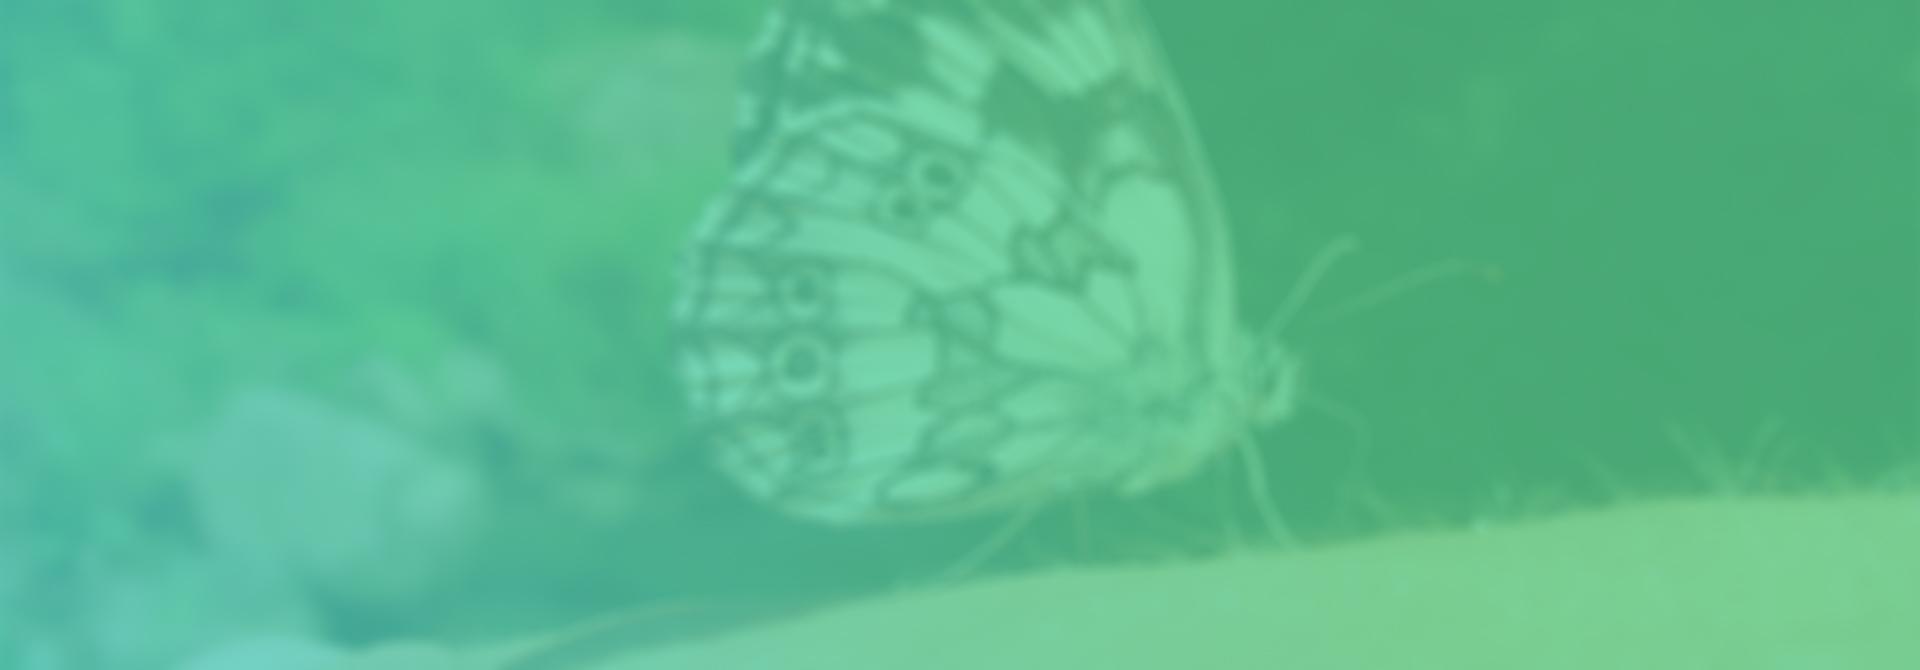 svarzvane-blur